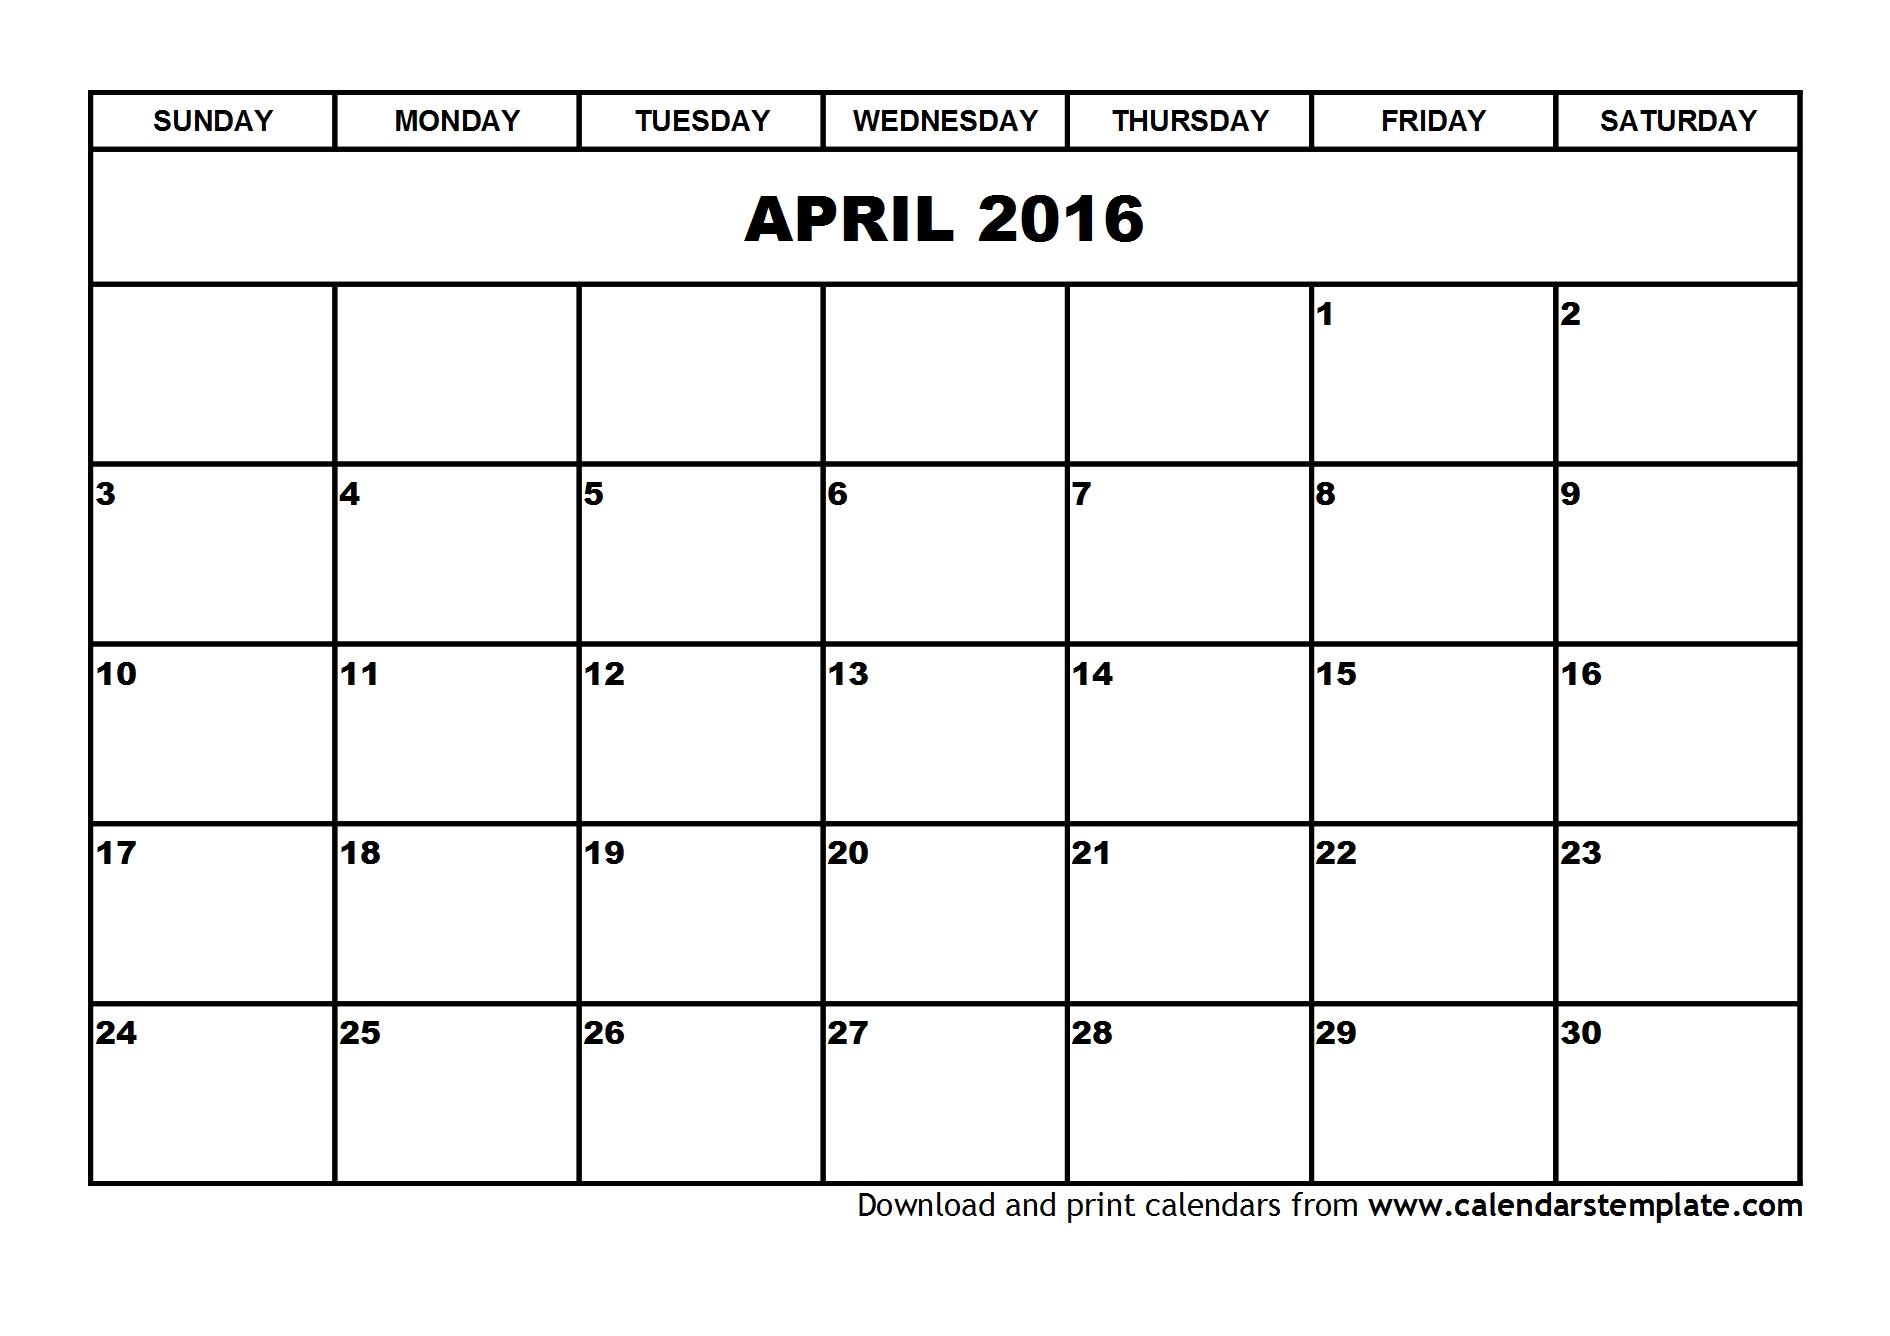 Calendar April 2016 UK, Bank Holidays, Excel/PDF/Word Templates